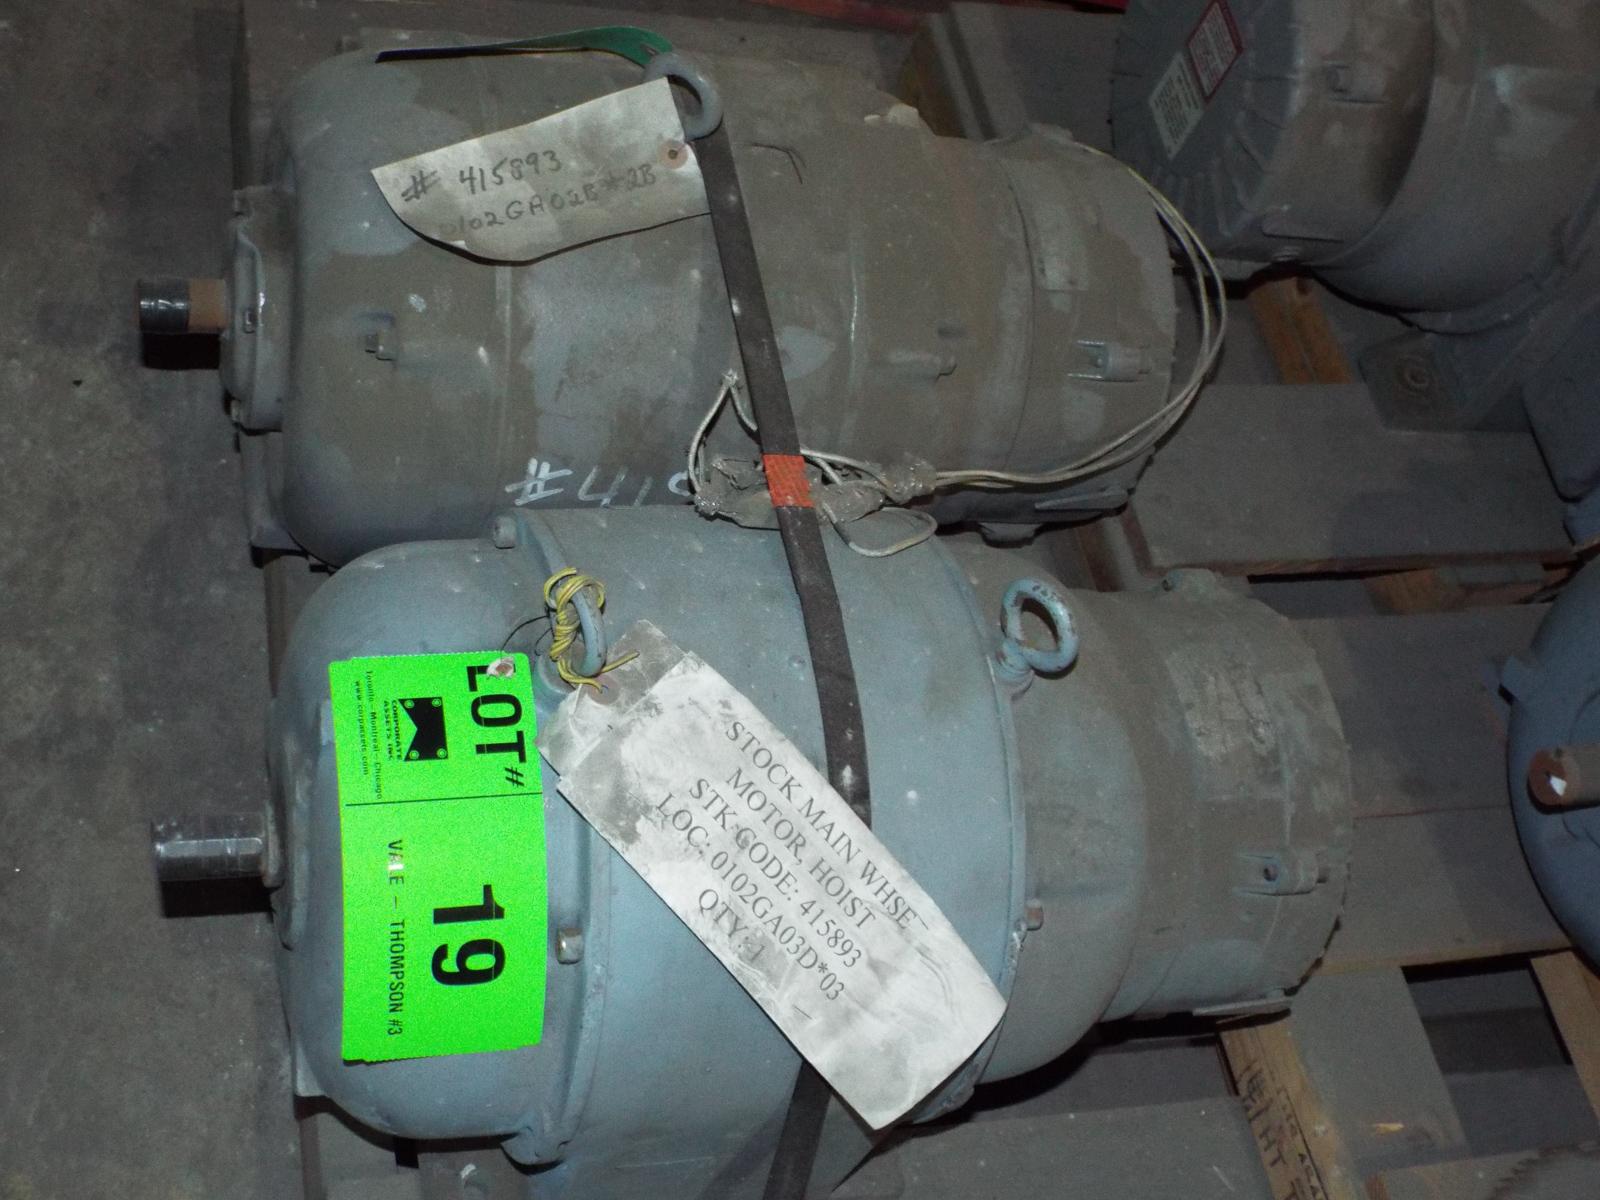 LOT/ (4) REULAND HOIST MOTORS 7.5HP/1800RPM/575V/3PH/60HZ/254U WITH MAGNETIC BRAKE (PLT 6L) - Image 5 of 5